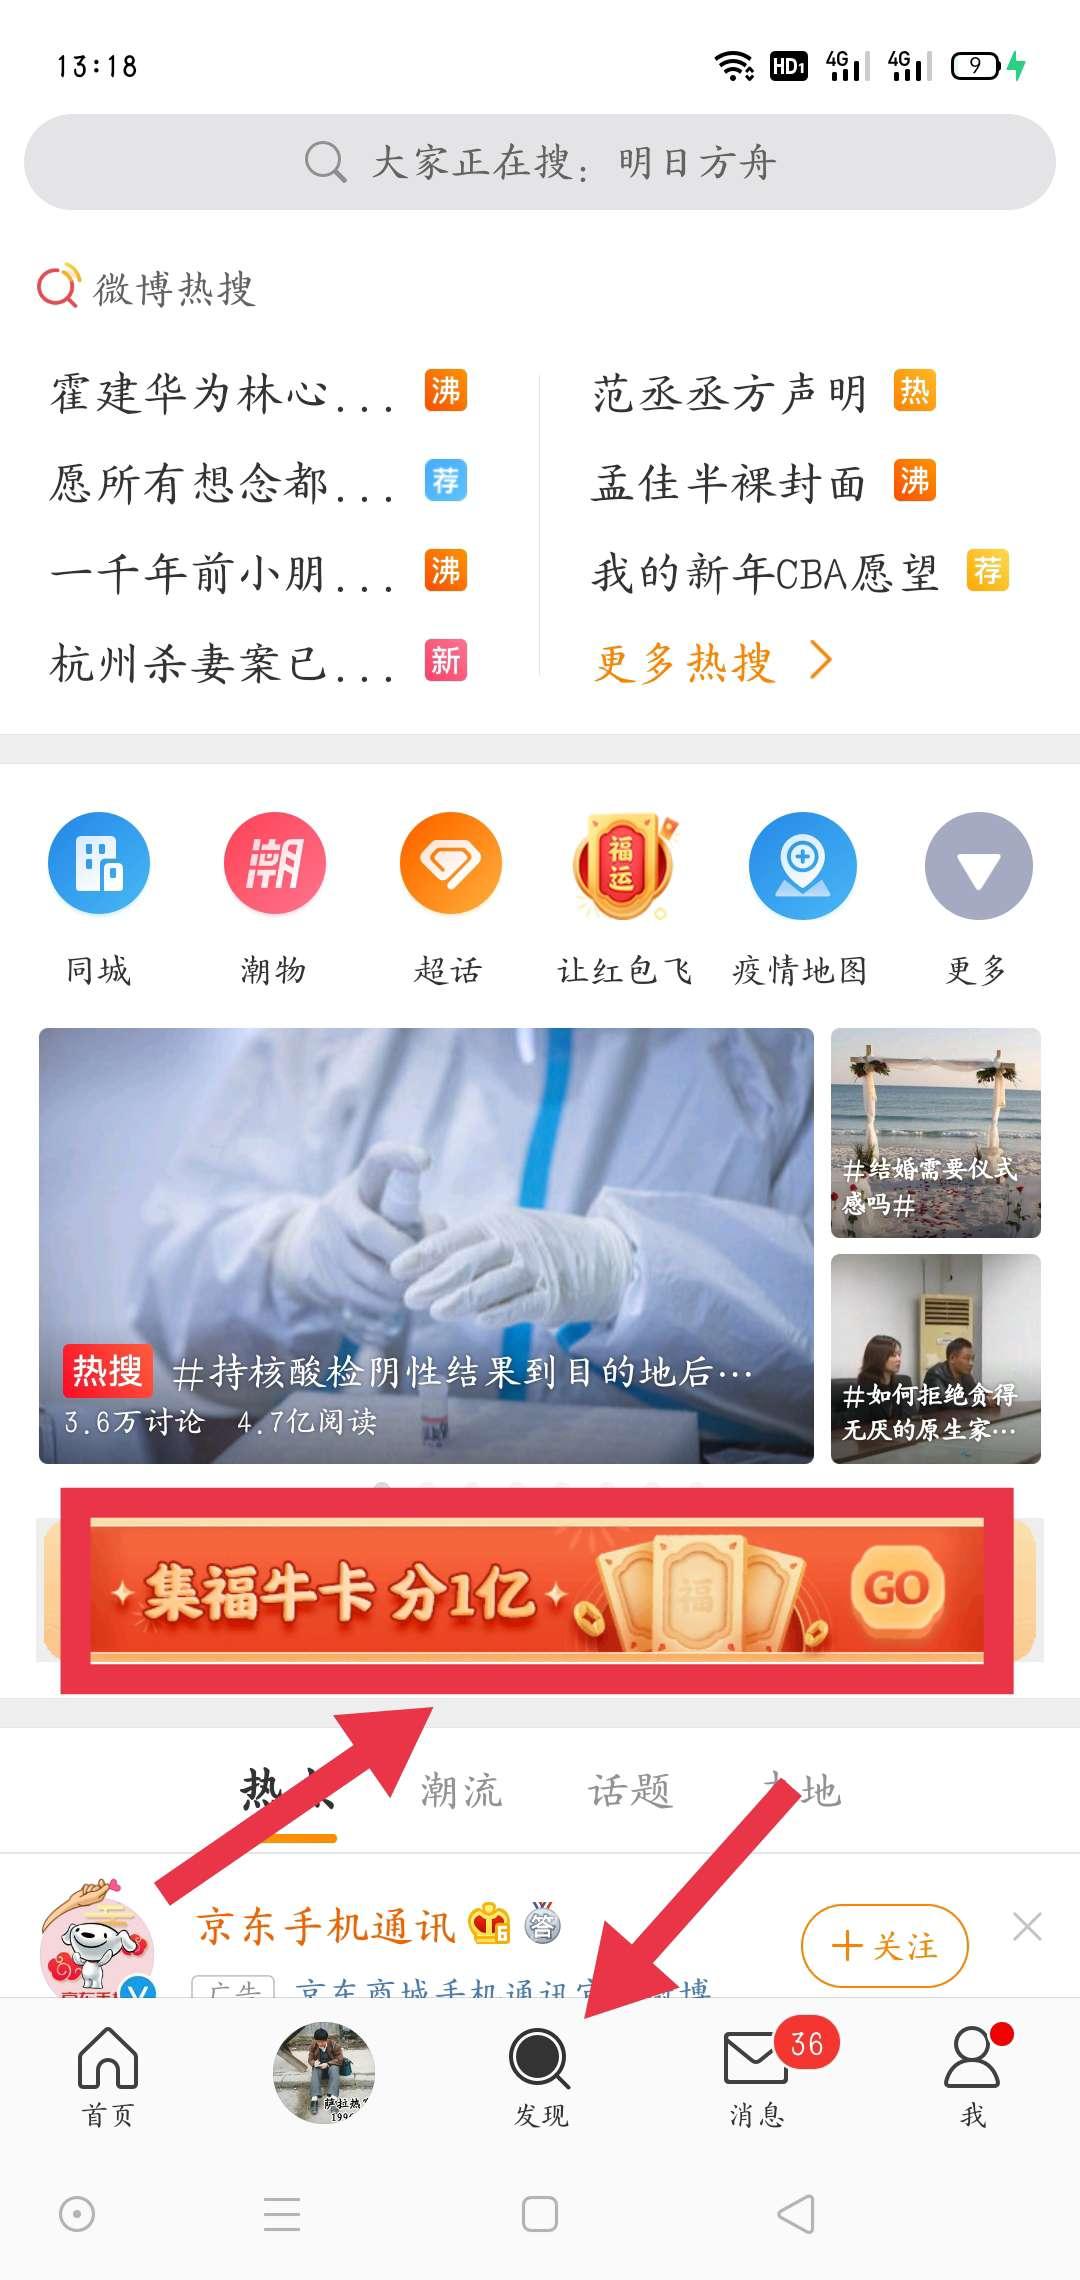 图片[1]-微博福牛集卡分红包-飞享资源网